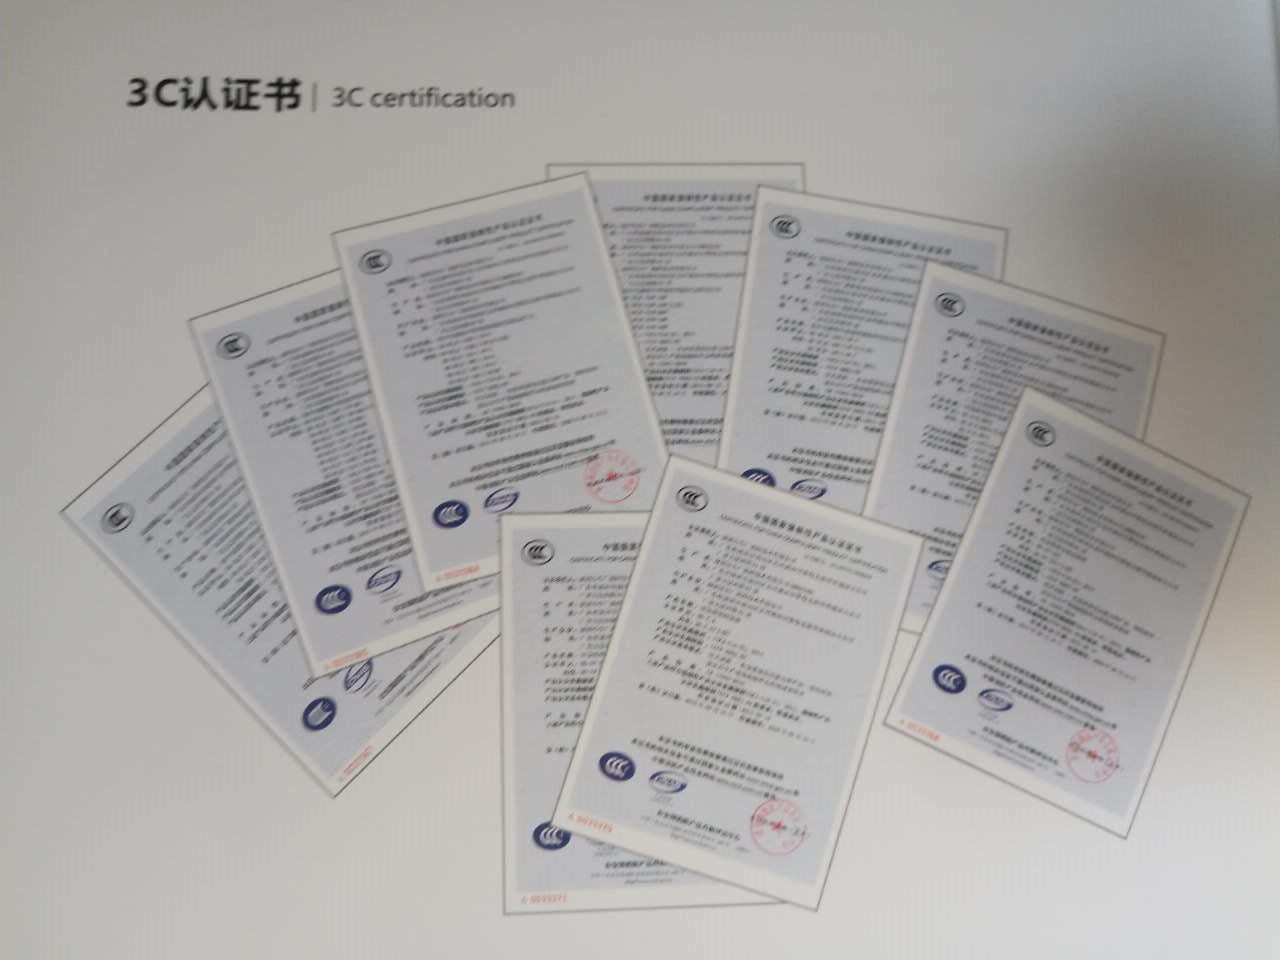 四川节能改造设计公司荣誉证书